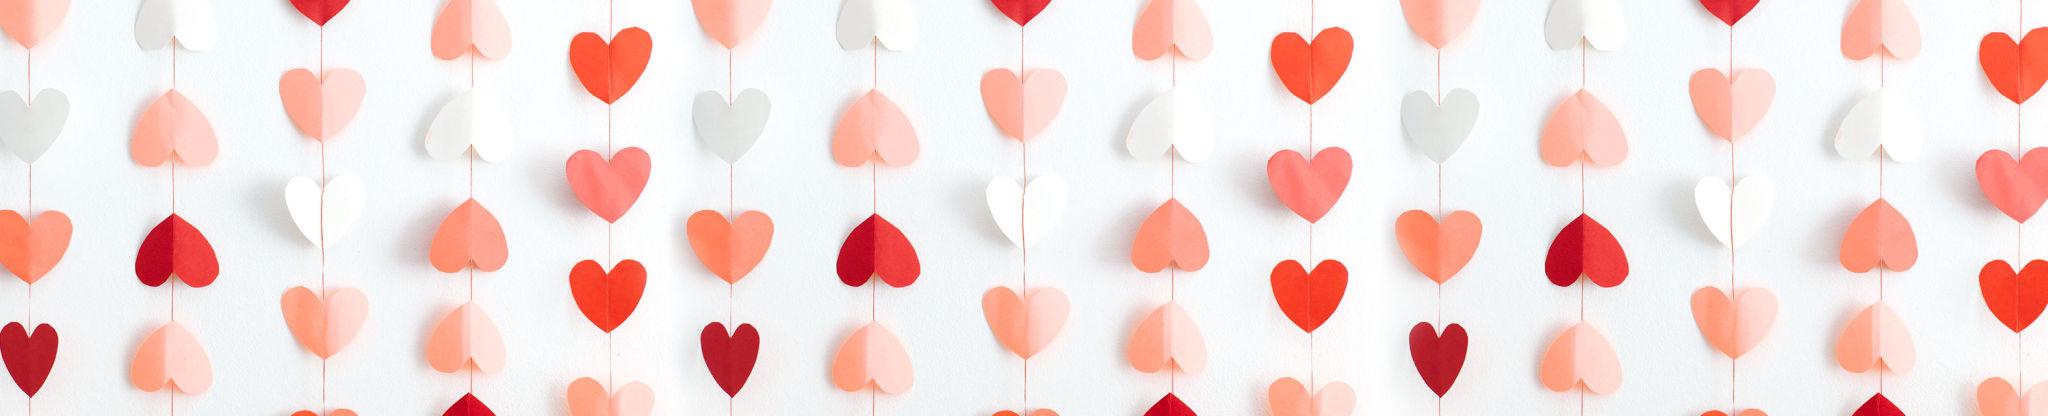 Valentineu0027s Day Gift Ideas